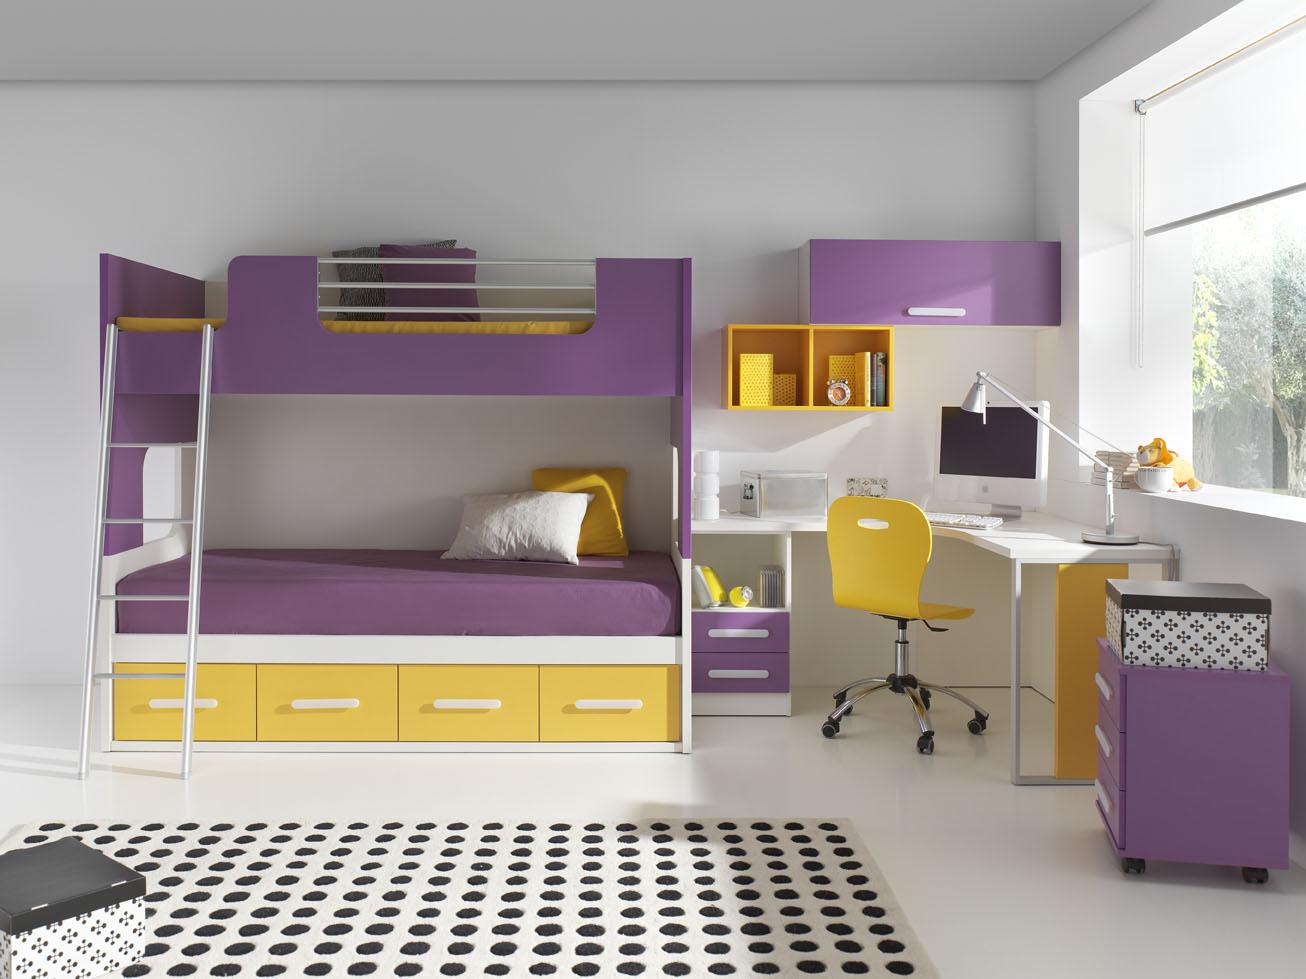 C mo aprovechamos el espacio muebles orts blog - Dormitorios infantiles para dos ...